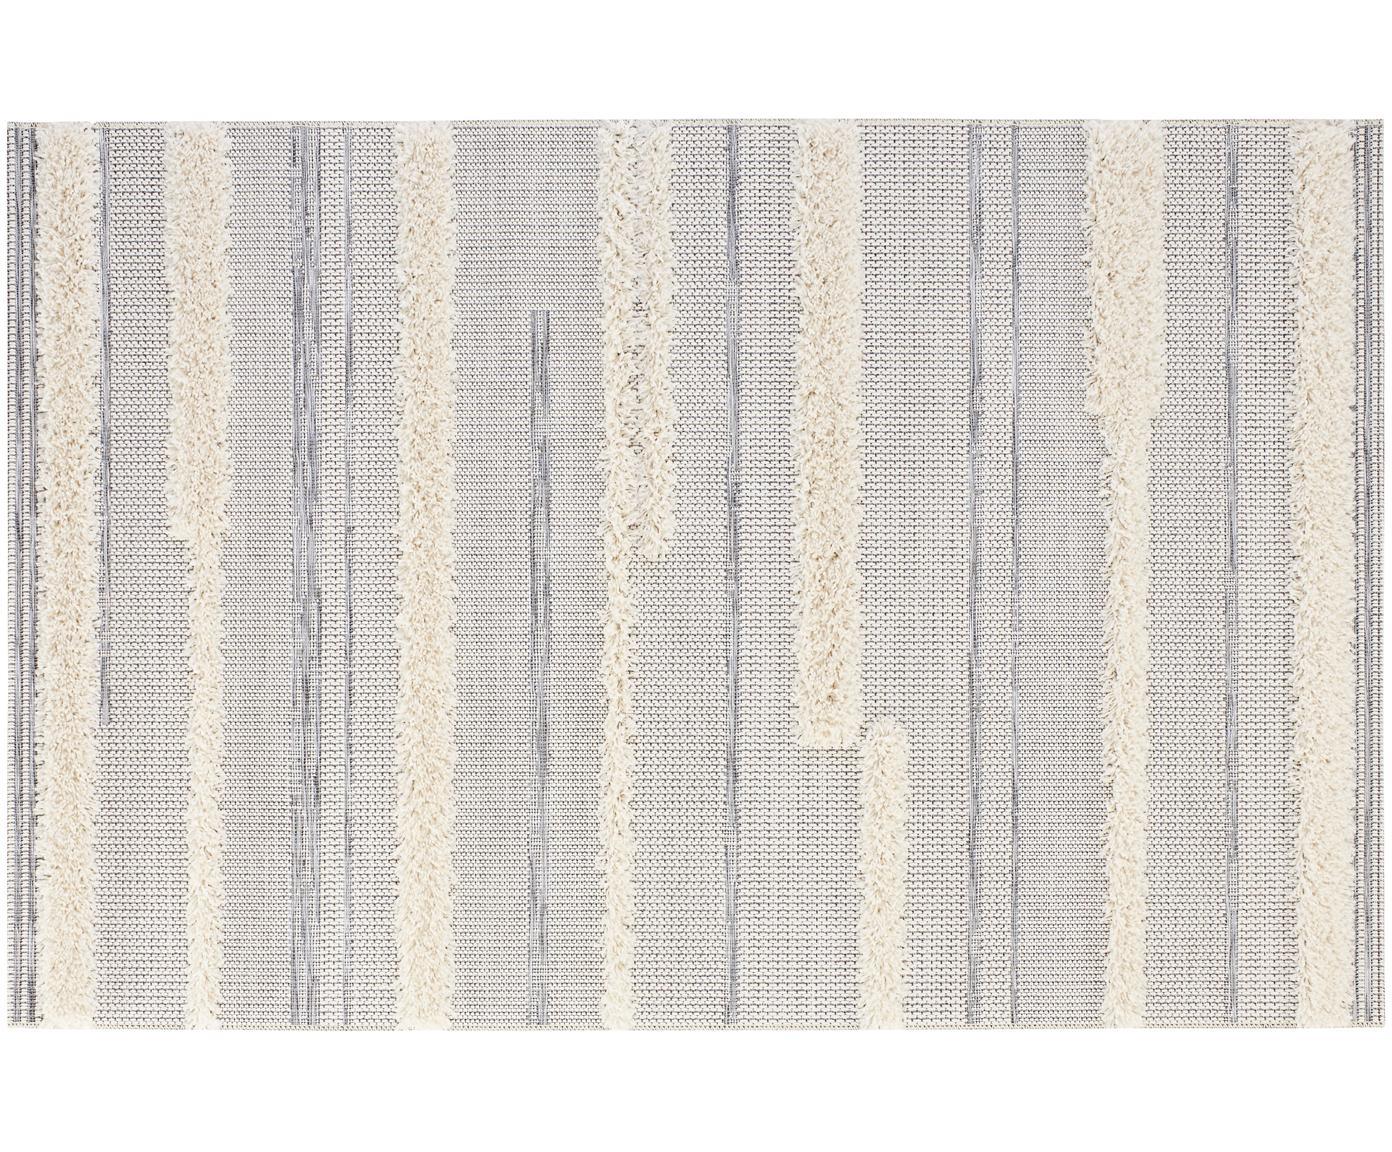 Dywan wewnętrzny/zewnętrzny Ifrane, Kremowy, szary, S 115 x D 170 cm